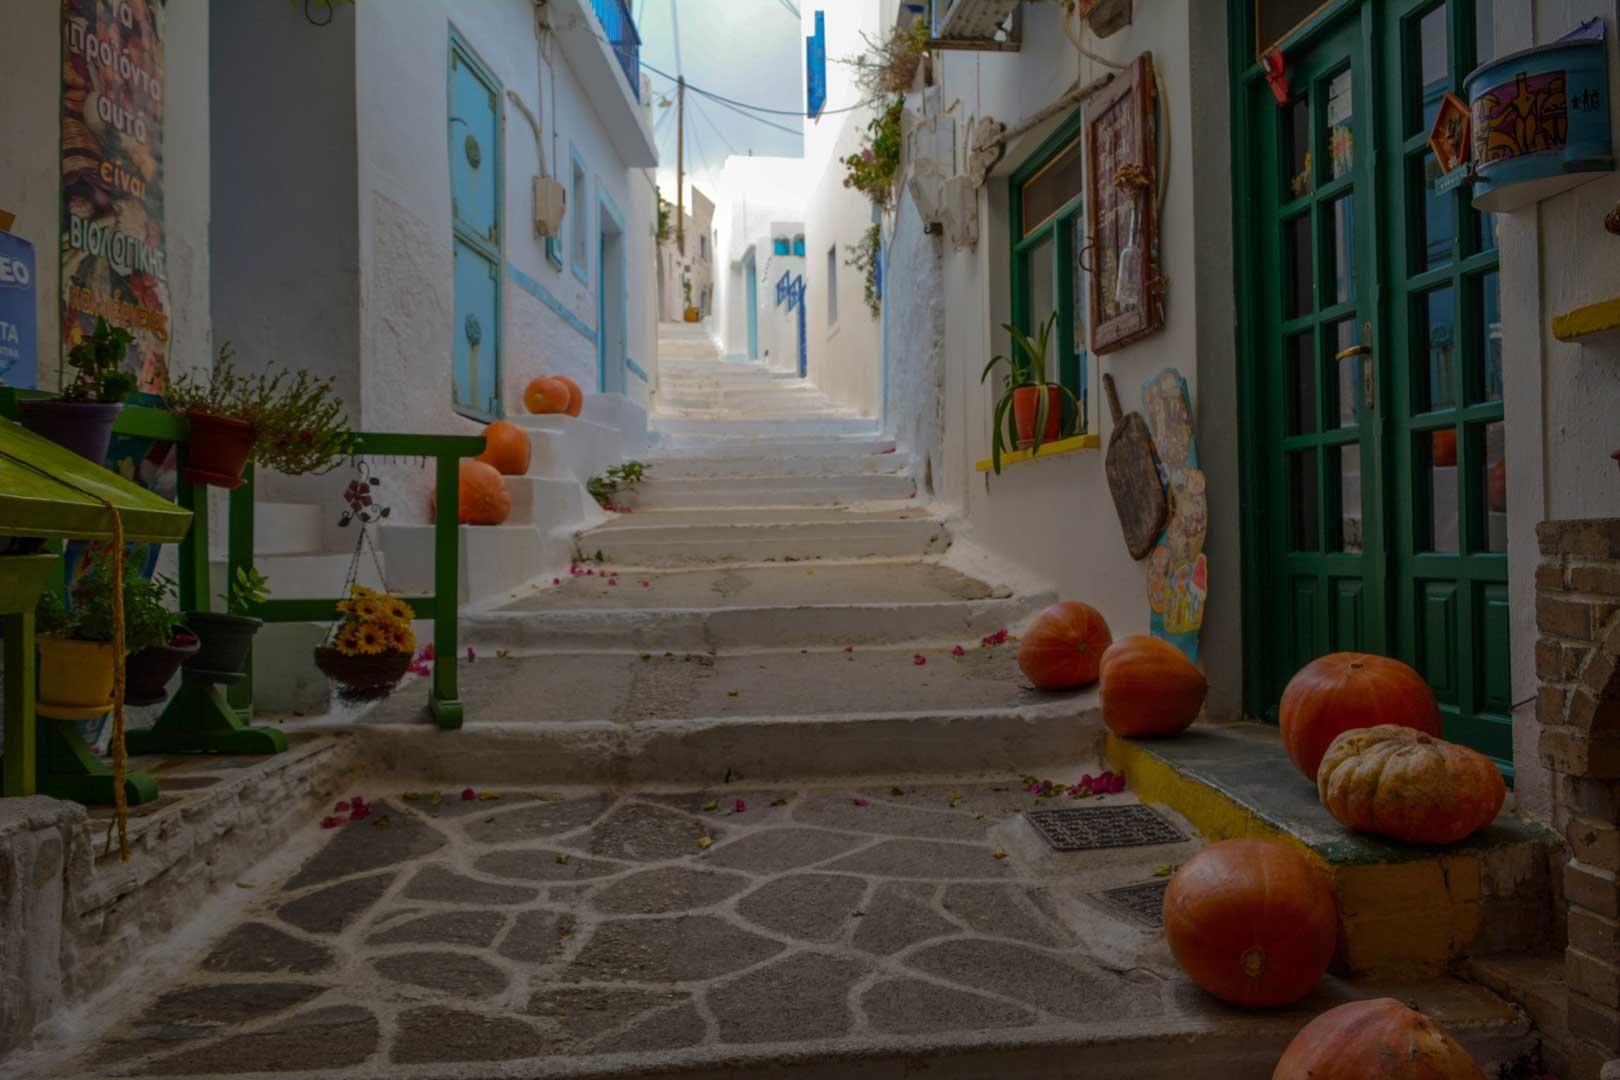 καλντερίμι στη Λαγκάδα στην Αμοργό travelshare.gr